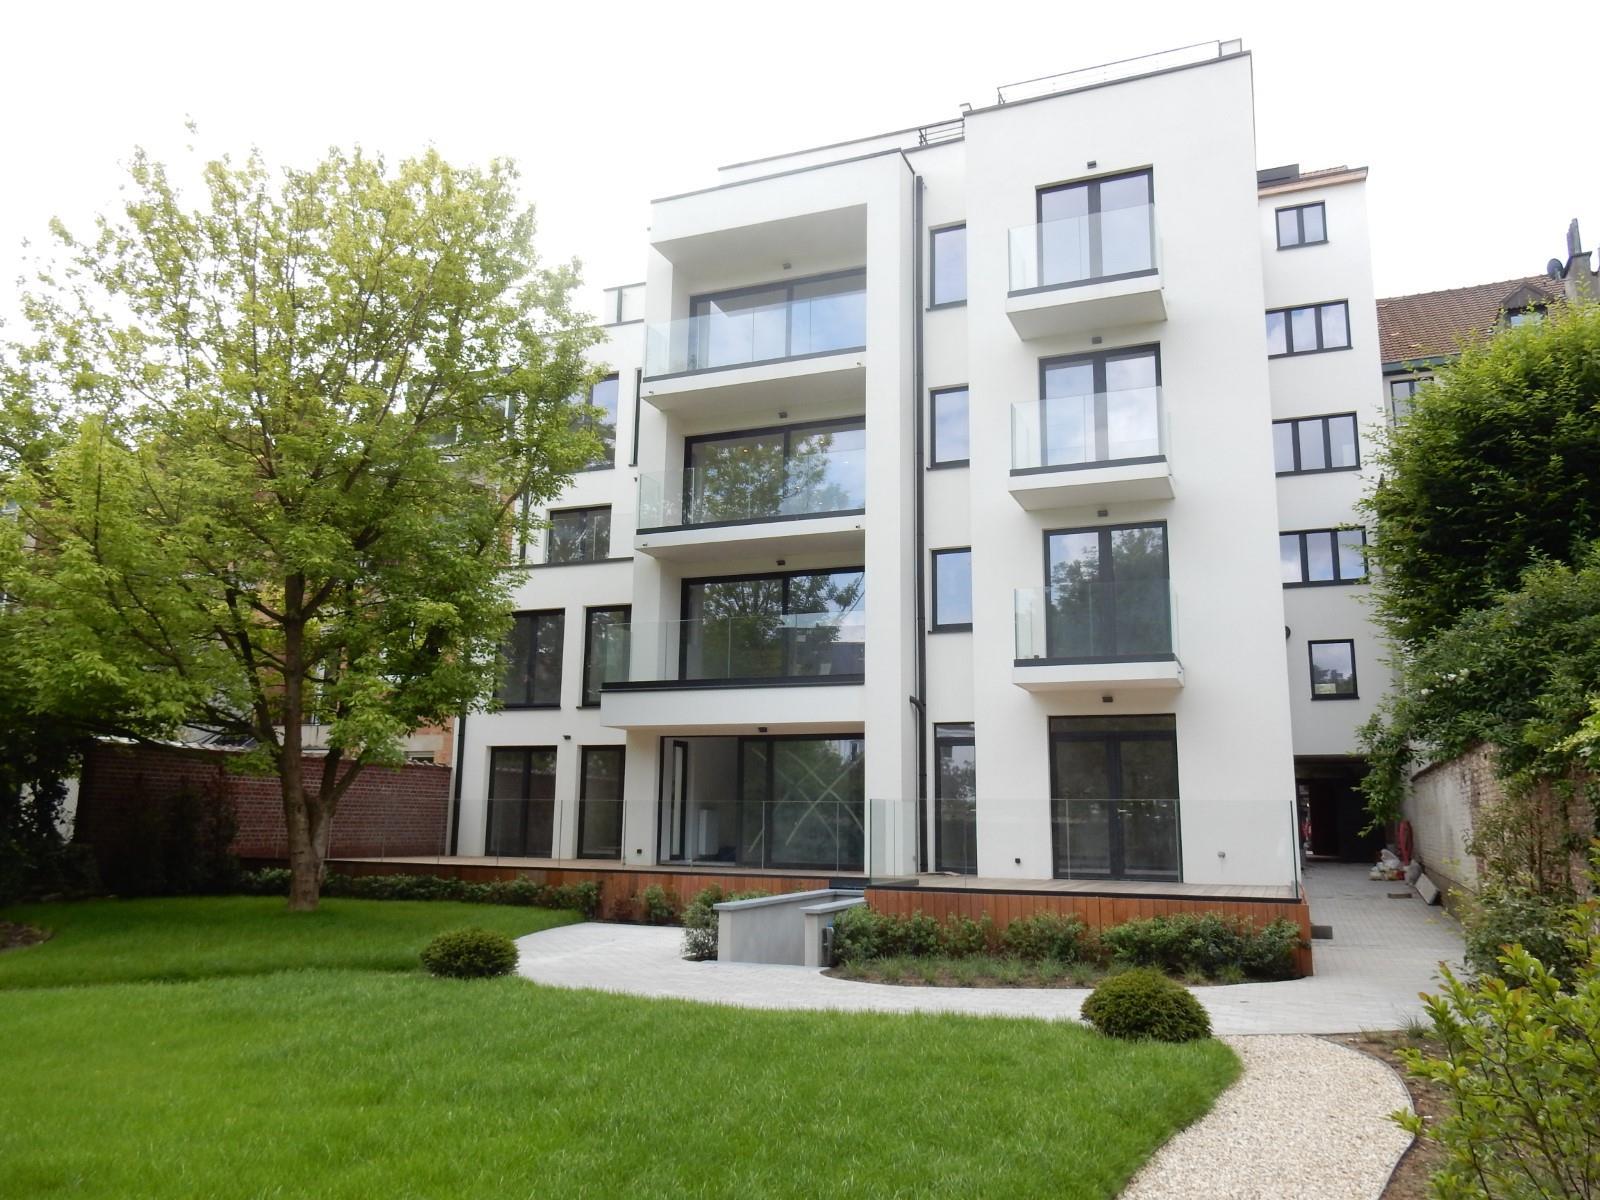 Appartement exceptionnel - Ixelles - #3929614-11